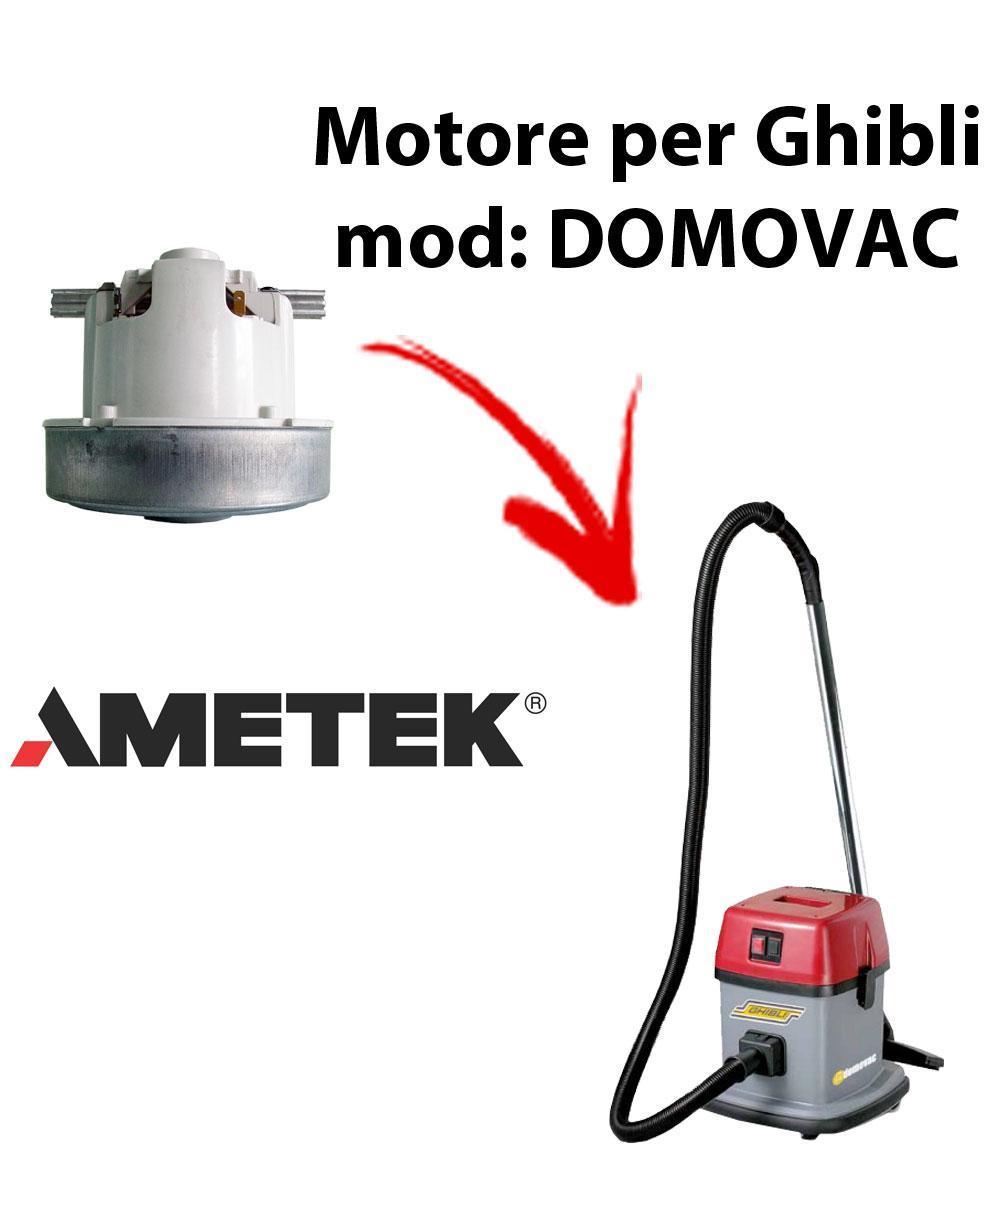 DOMOVAC  Motore de aspiración AMETEK para aspiradora GHIBLI